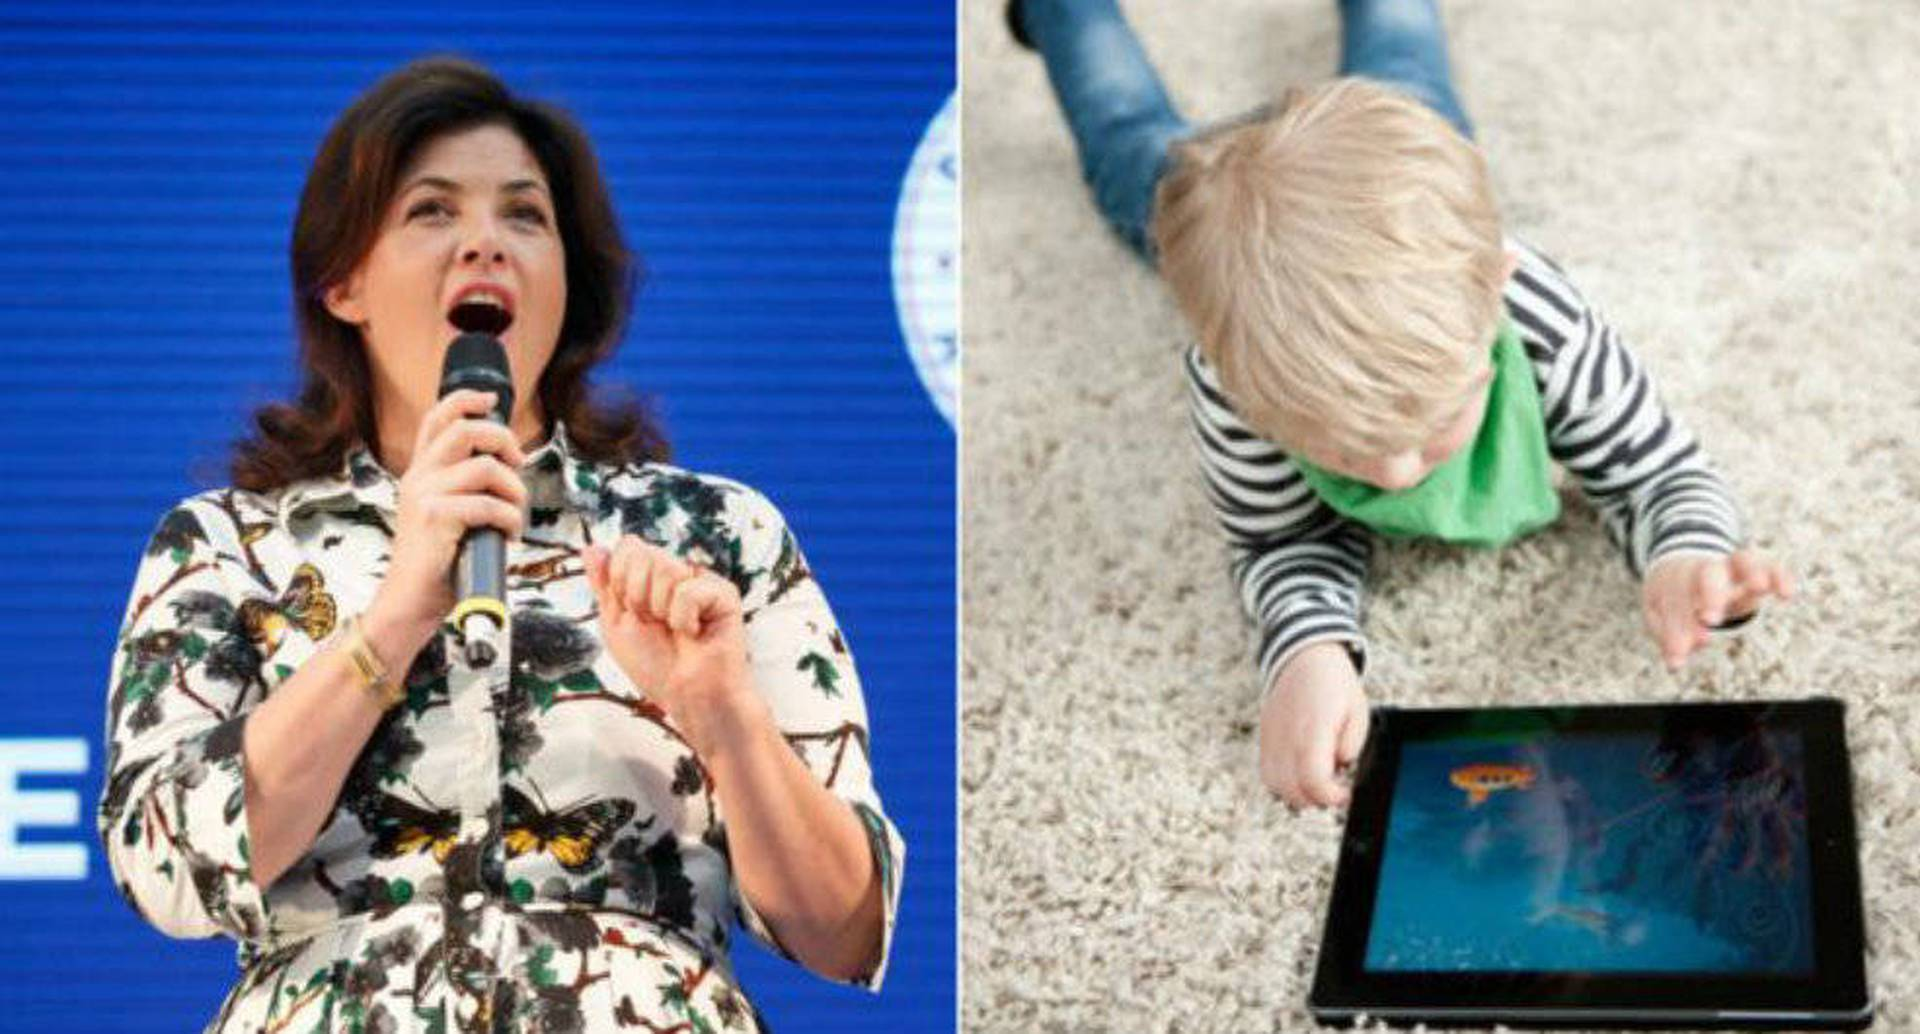 Kirstie Allsopp causó polémica por su forma de hacer que se respeten las reglas sobre el uso de pantallas en casa. foto: GettyImages vía BBC.